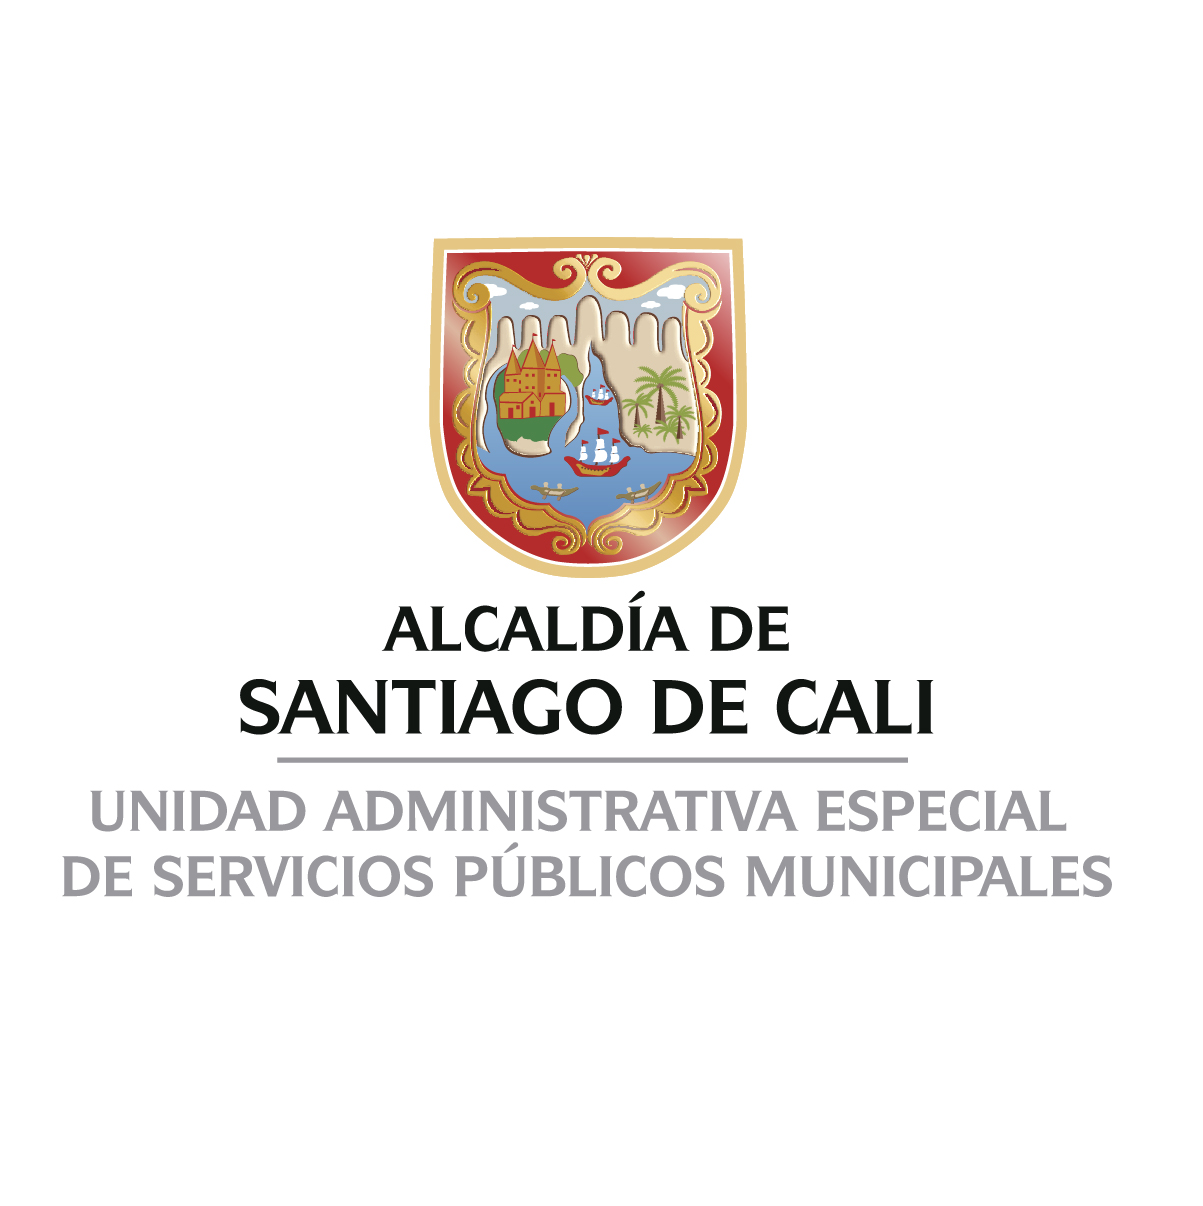 unidad-administrativa-especial-de-servicios-publicos-municipales